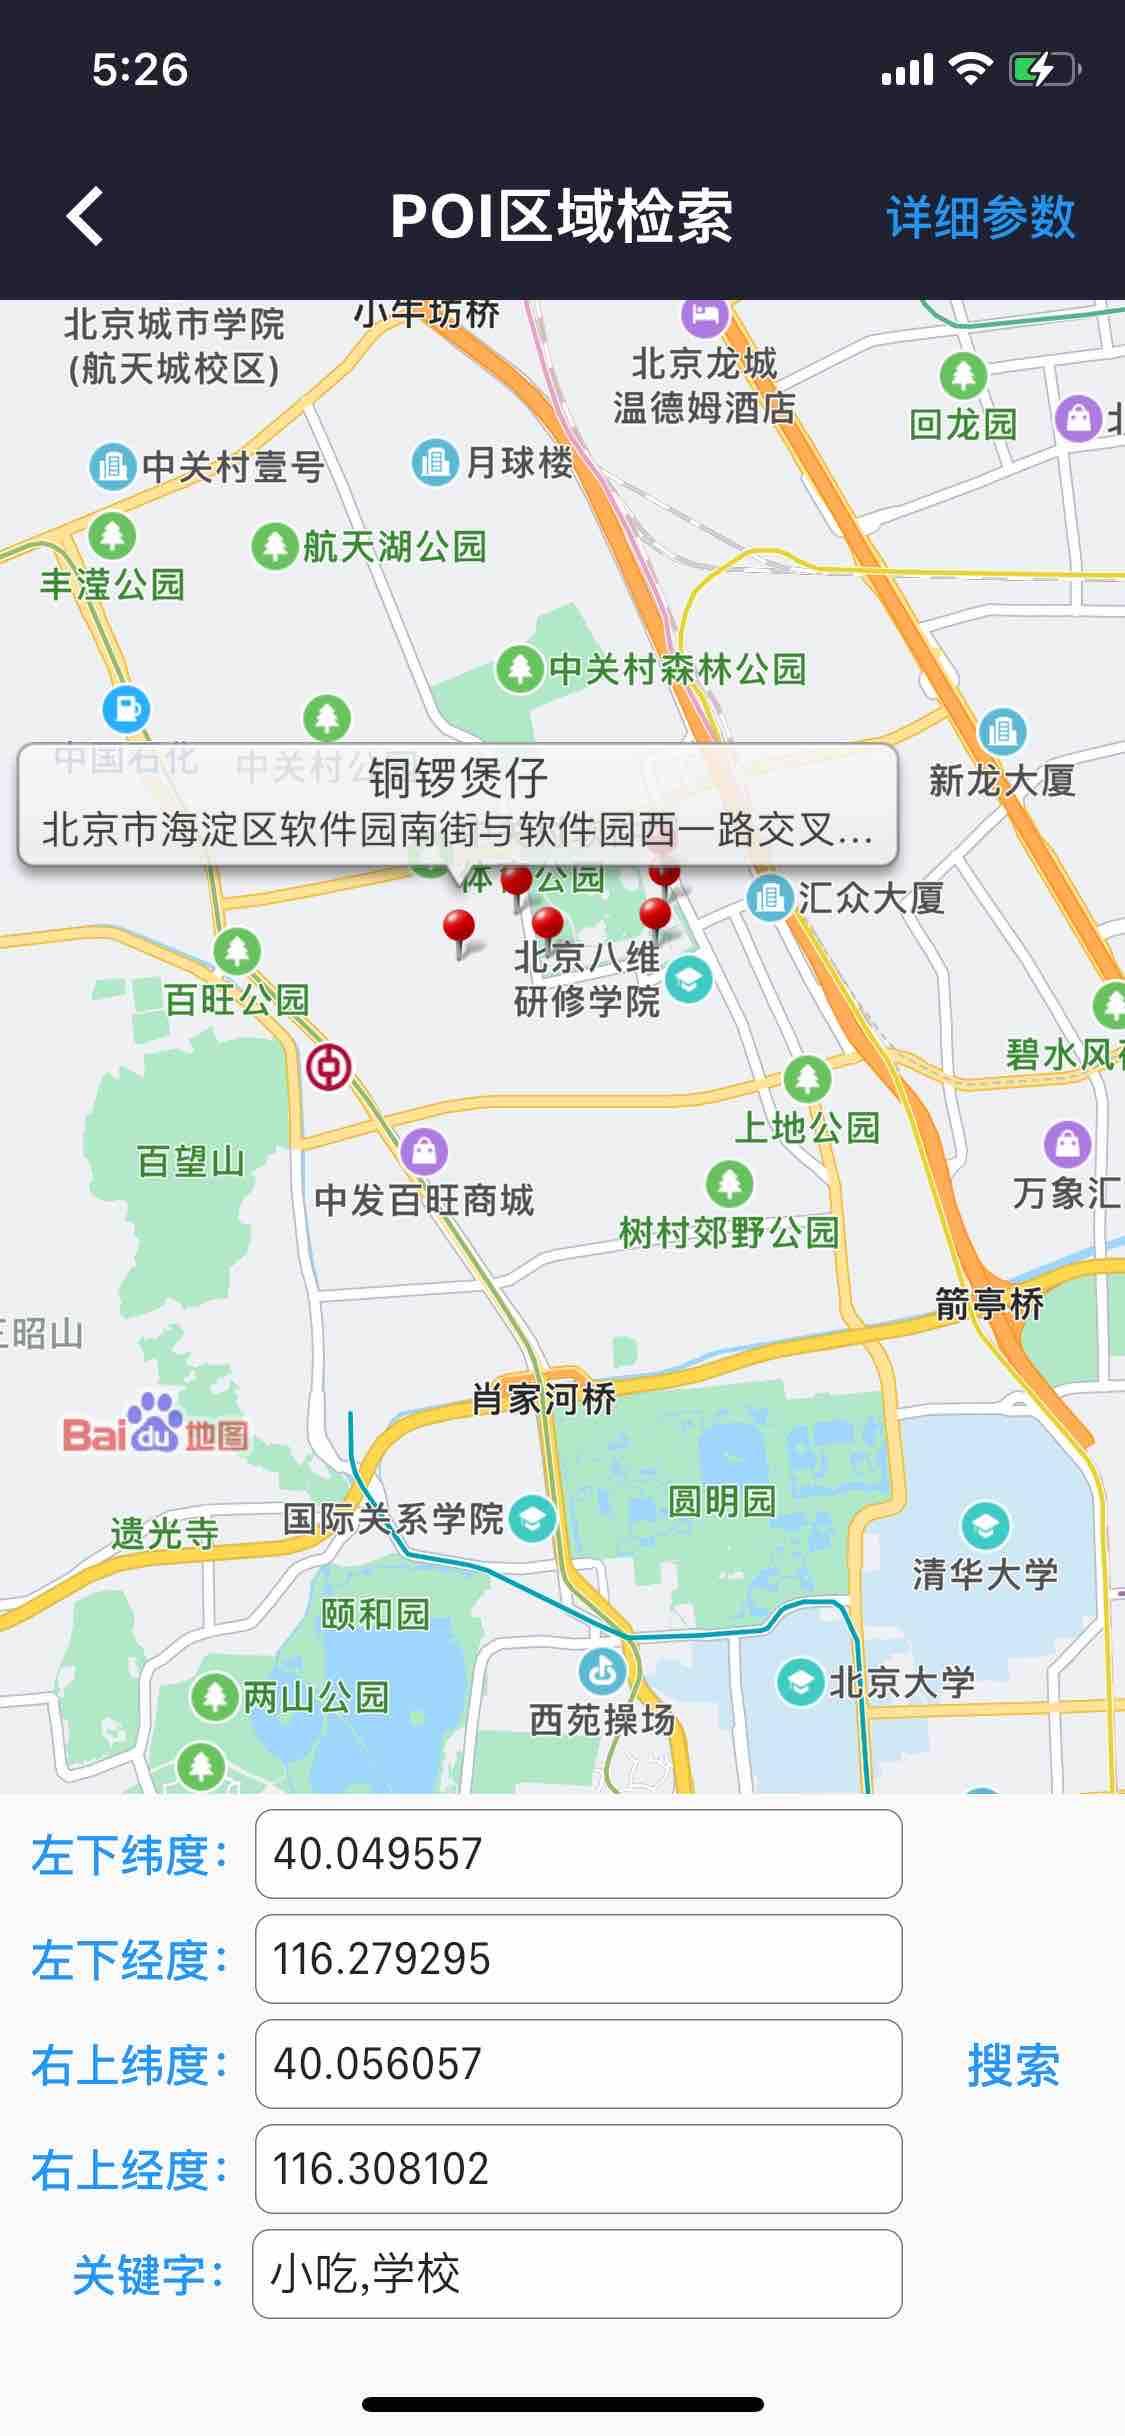 poijuxingjiansuo.png